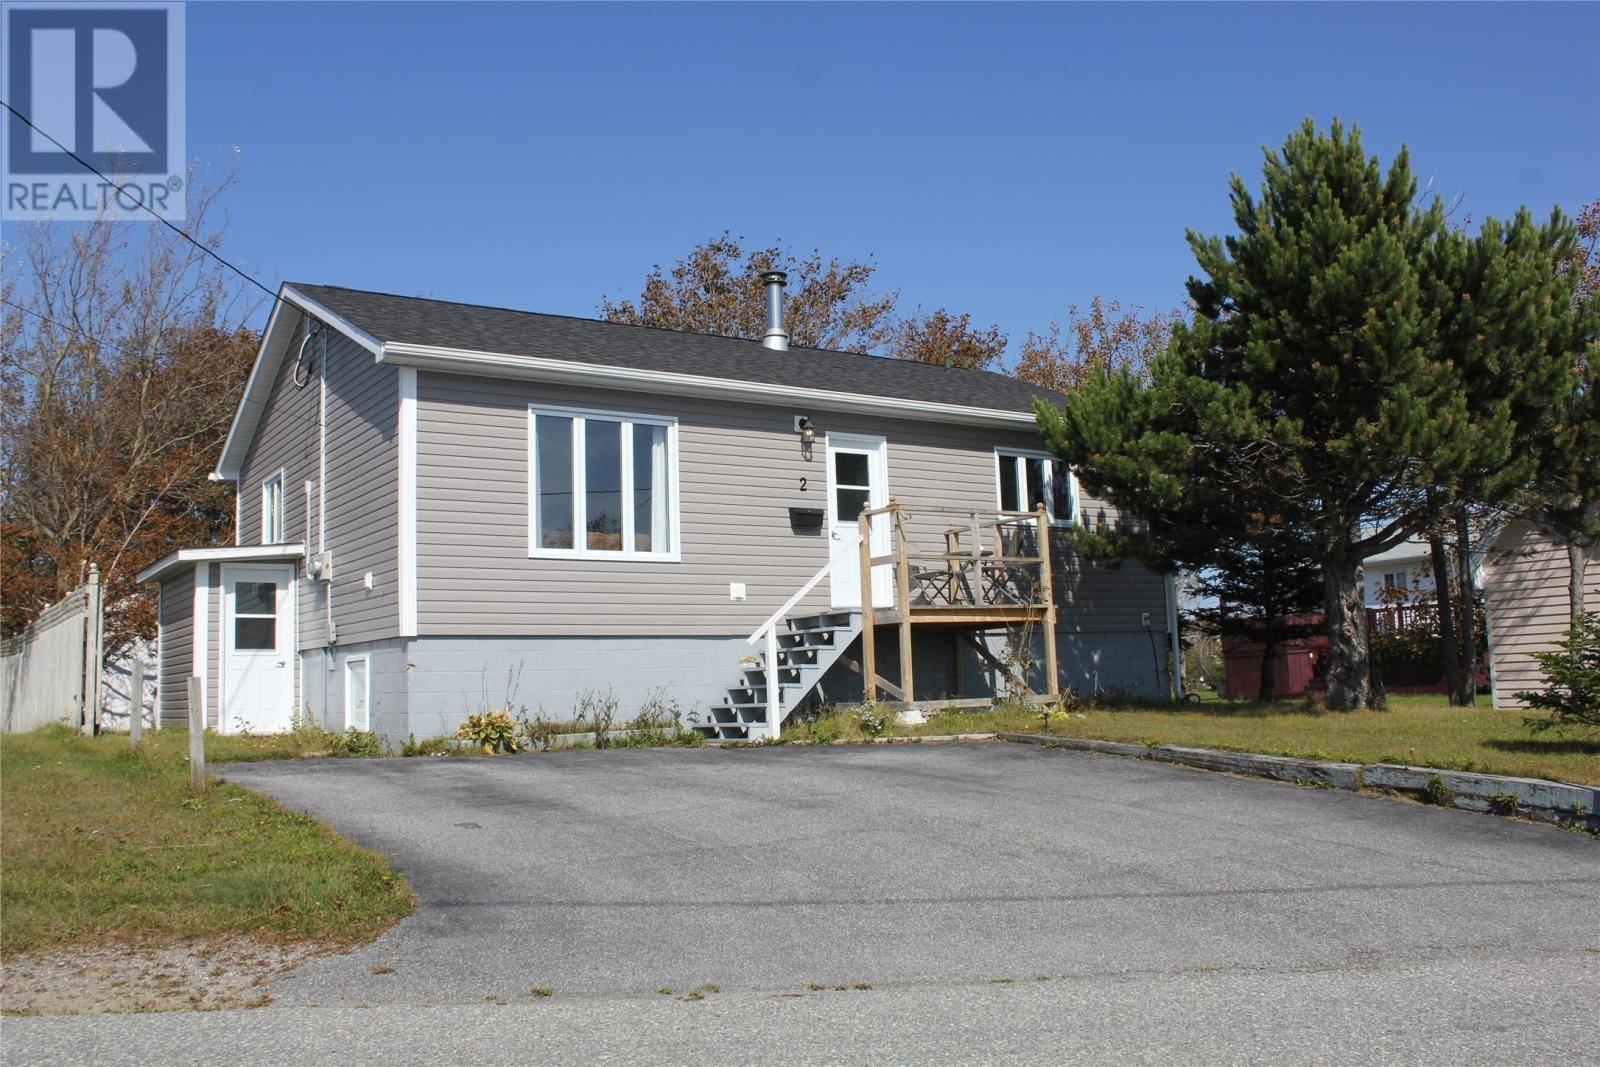 House for sale at 2 Hillcrest Dr Stephenville Newfoundland - MLS: 1203363